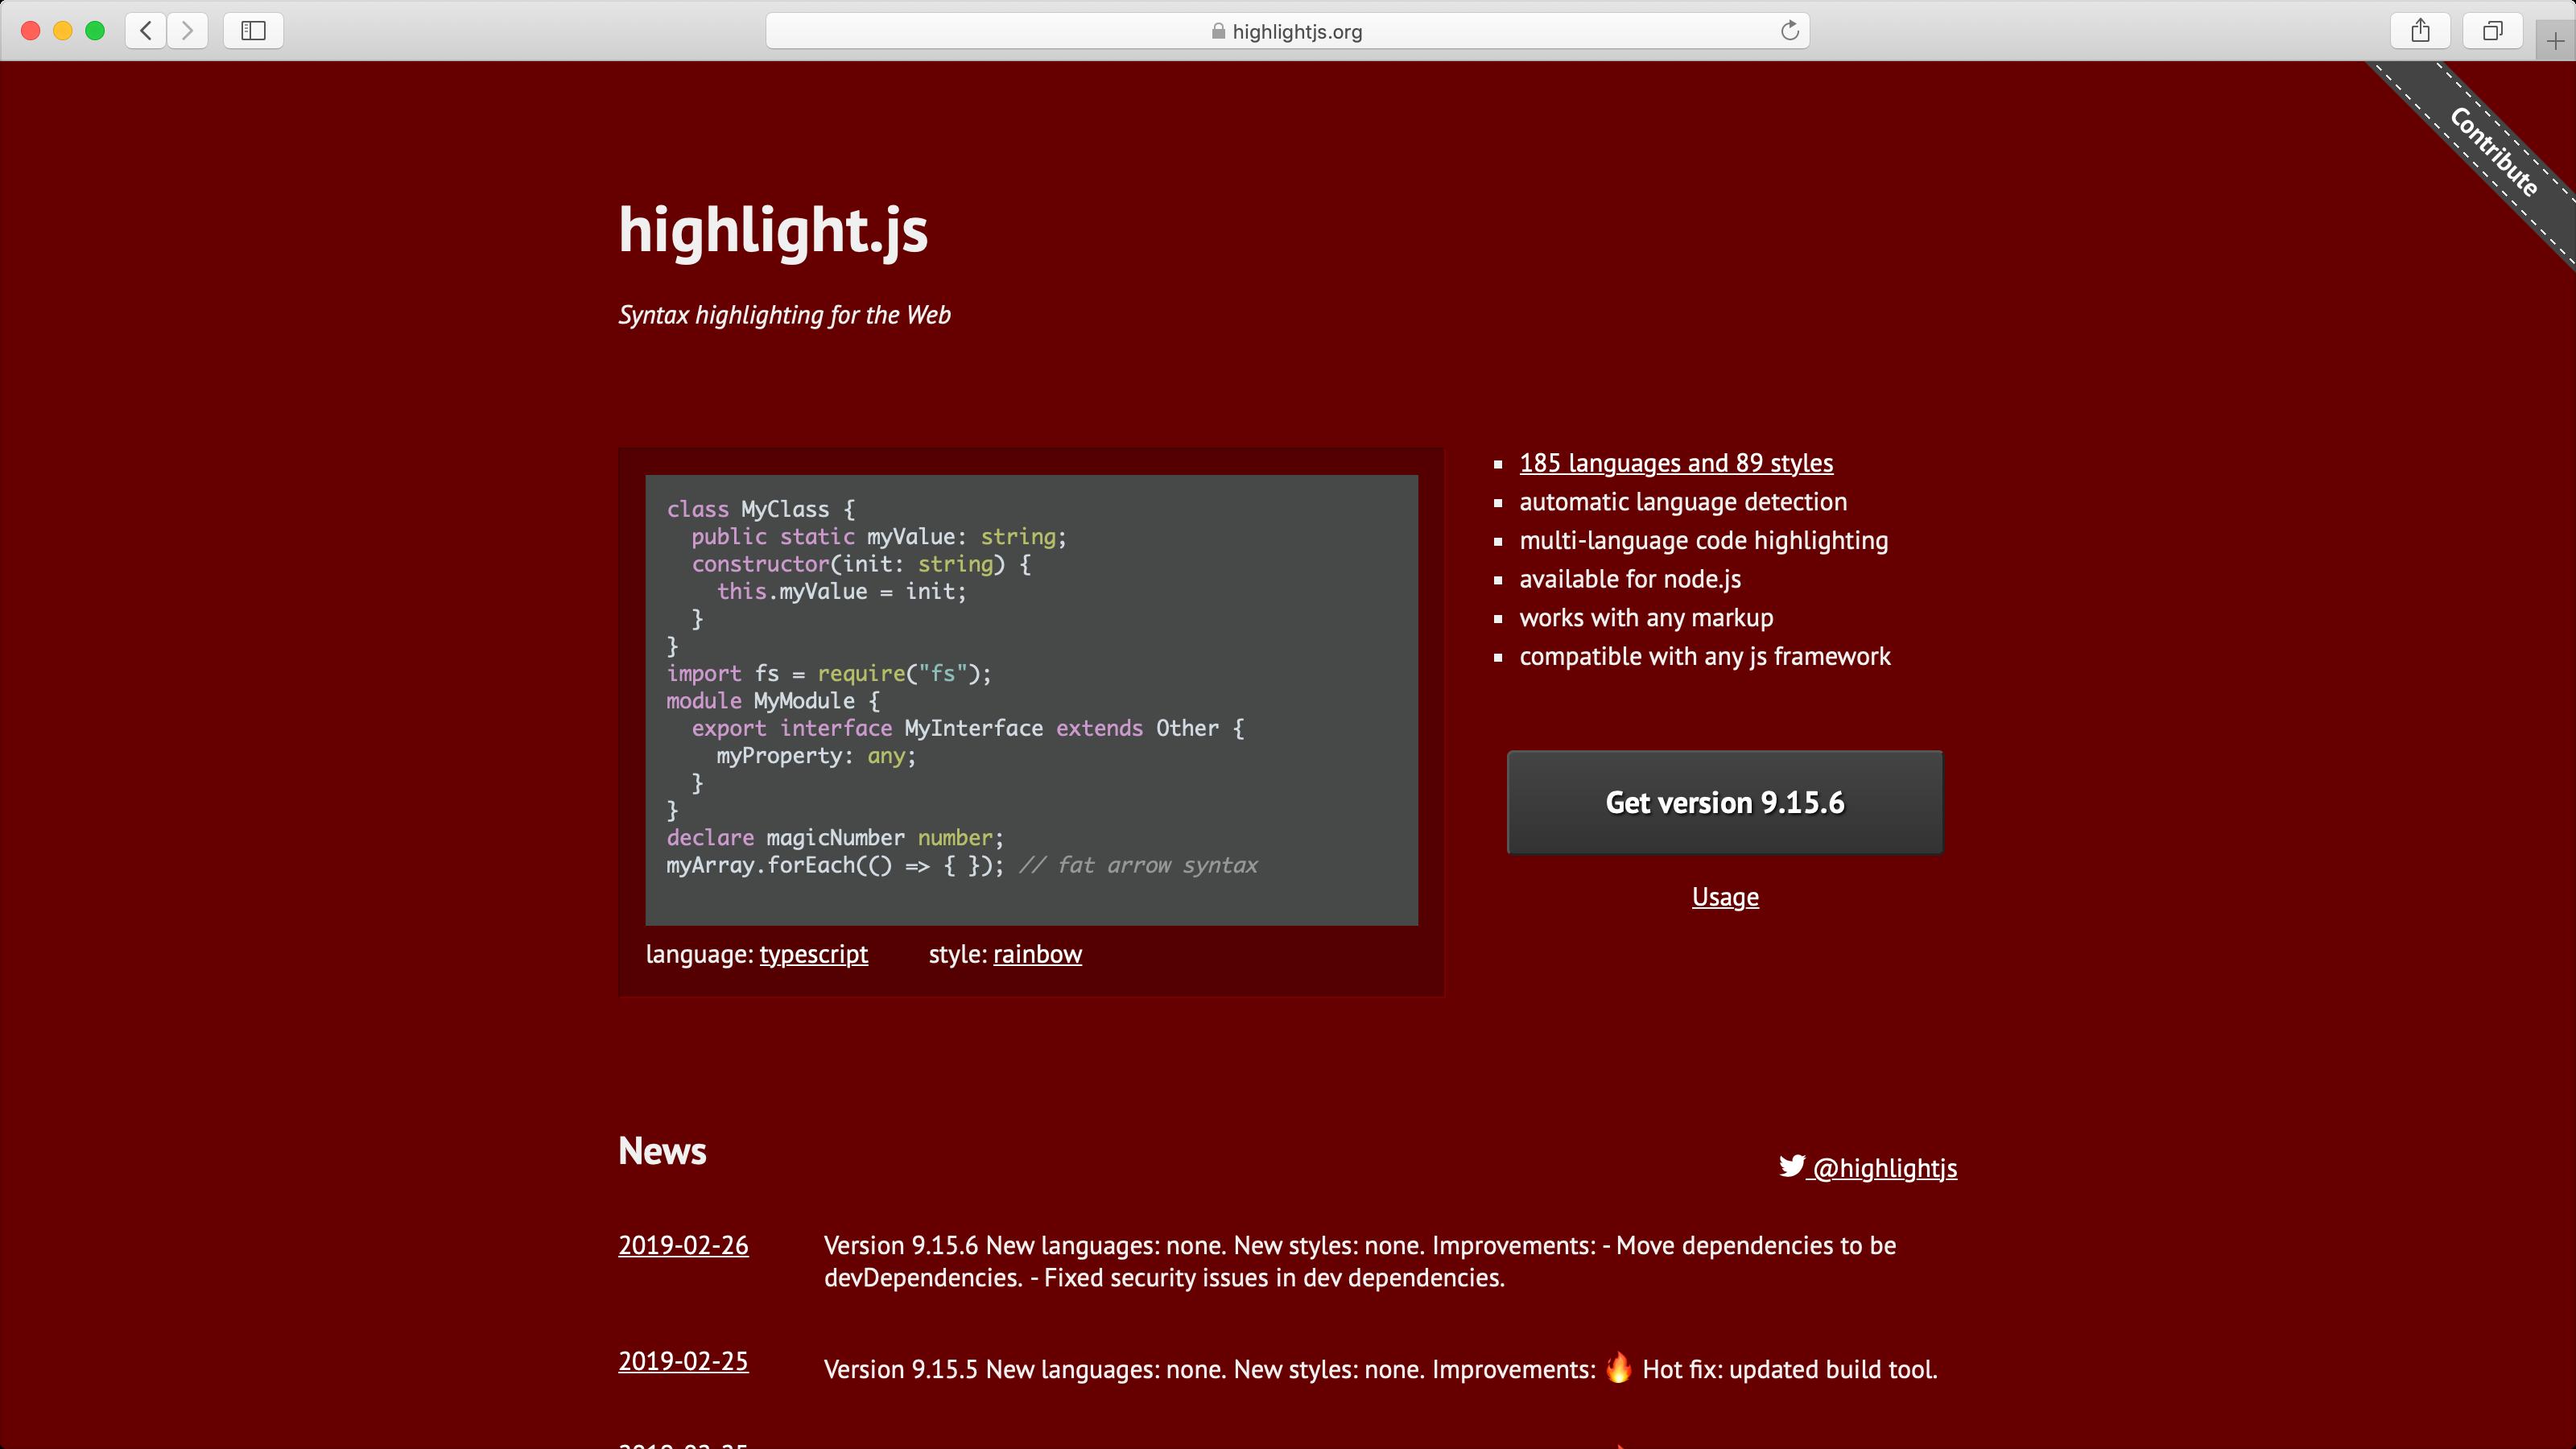 hightlight.js 플러그인 사이트